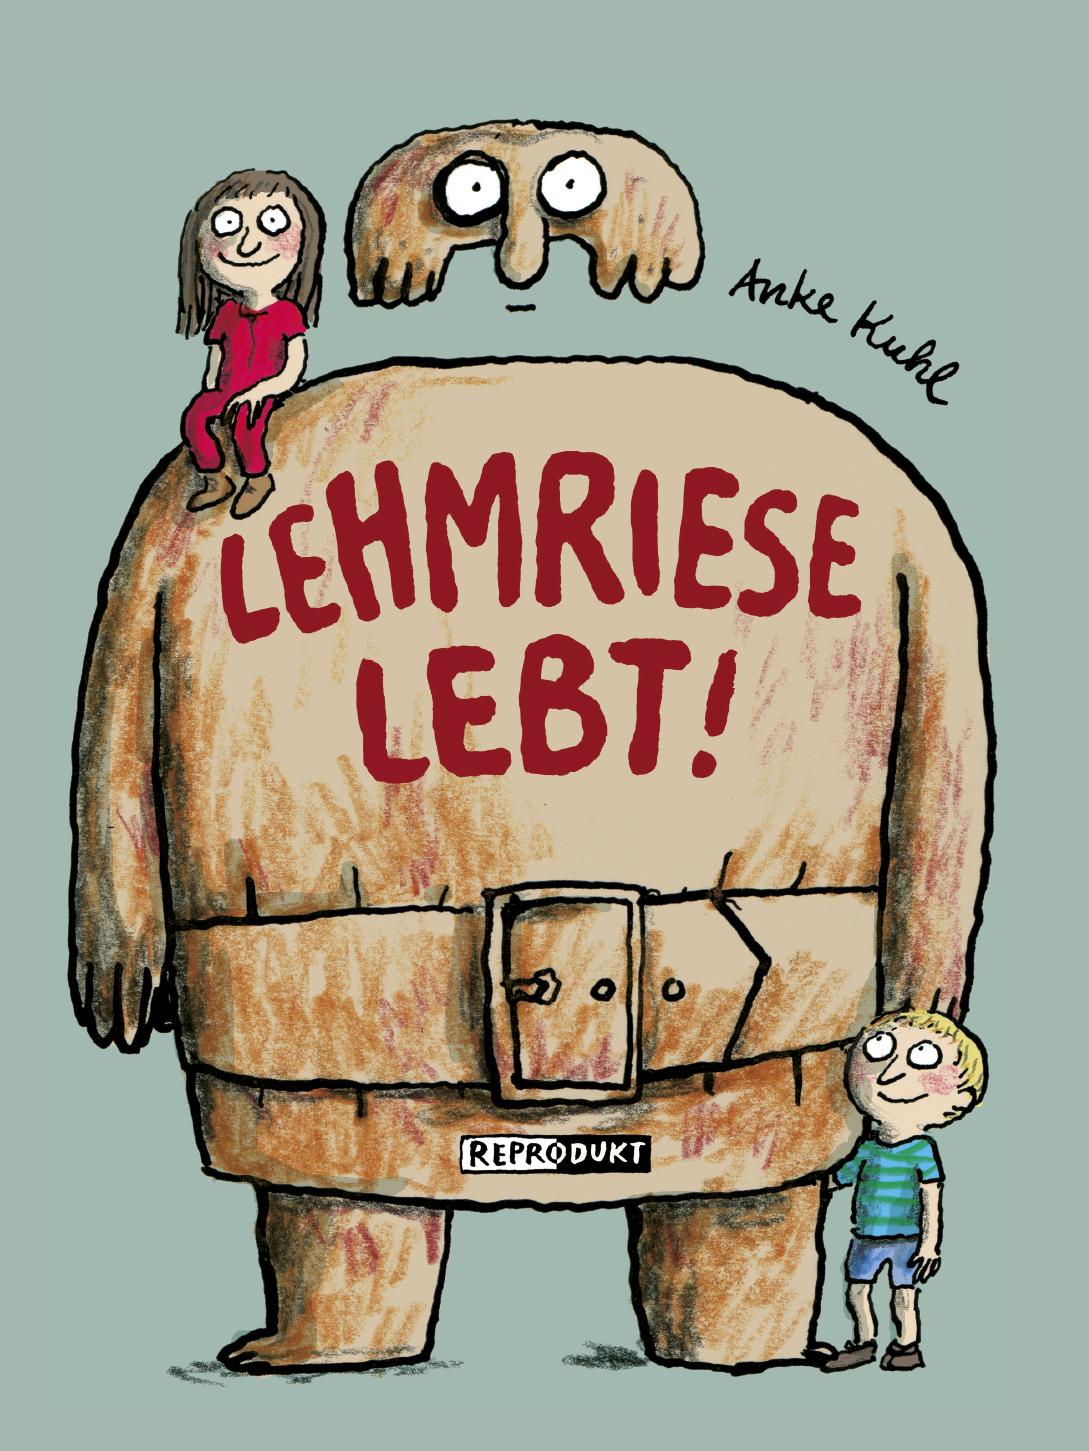 »Lehmriese lebt« - Reprodukt